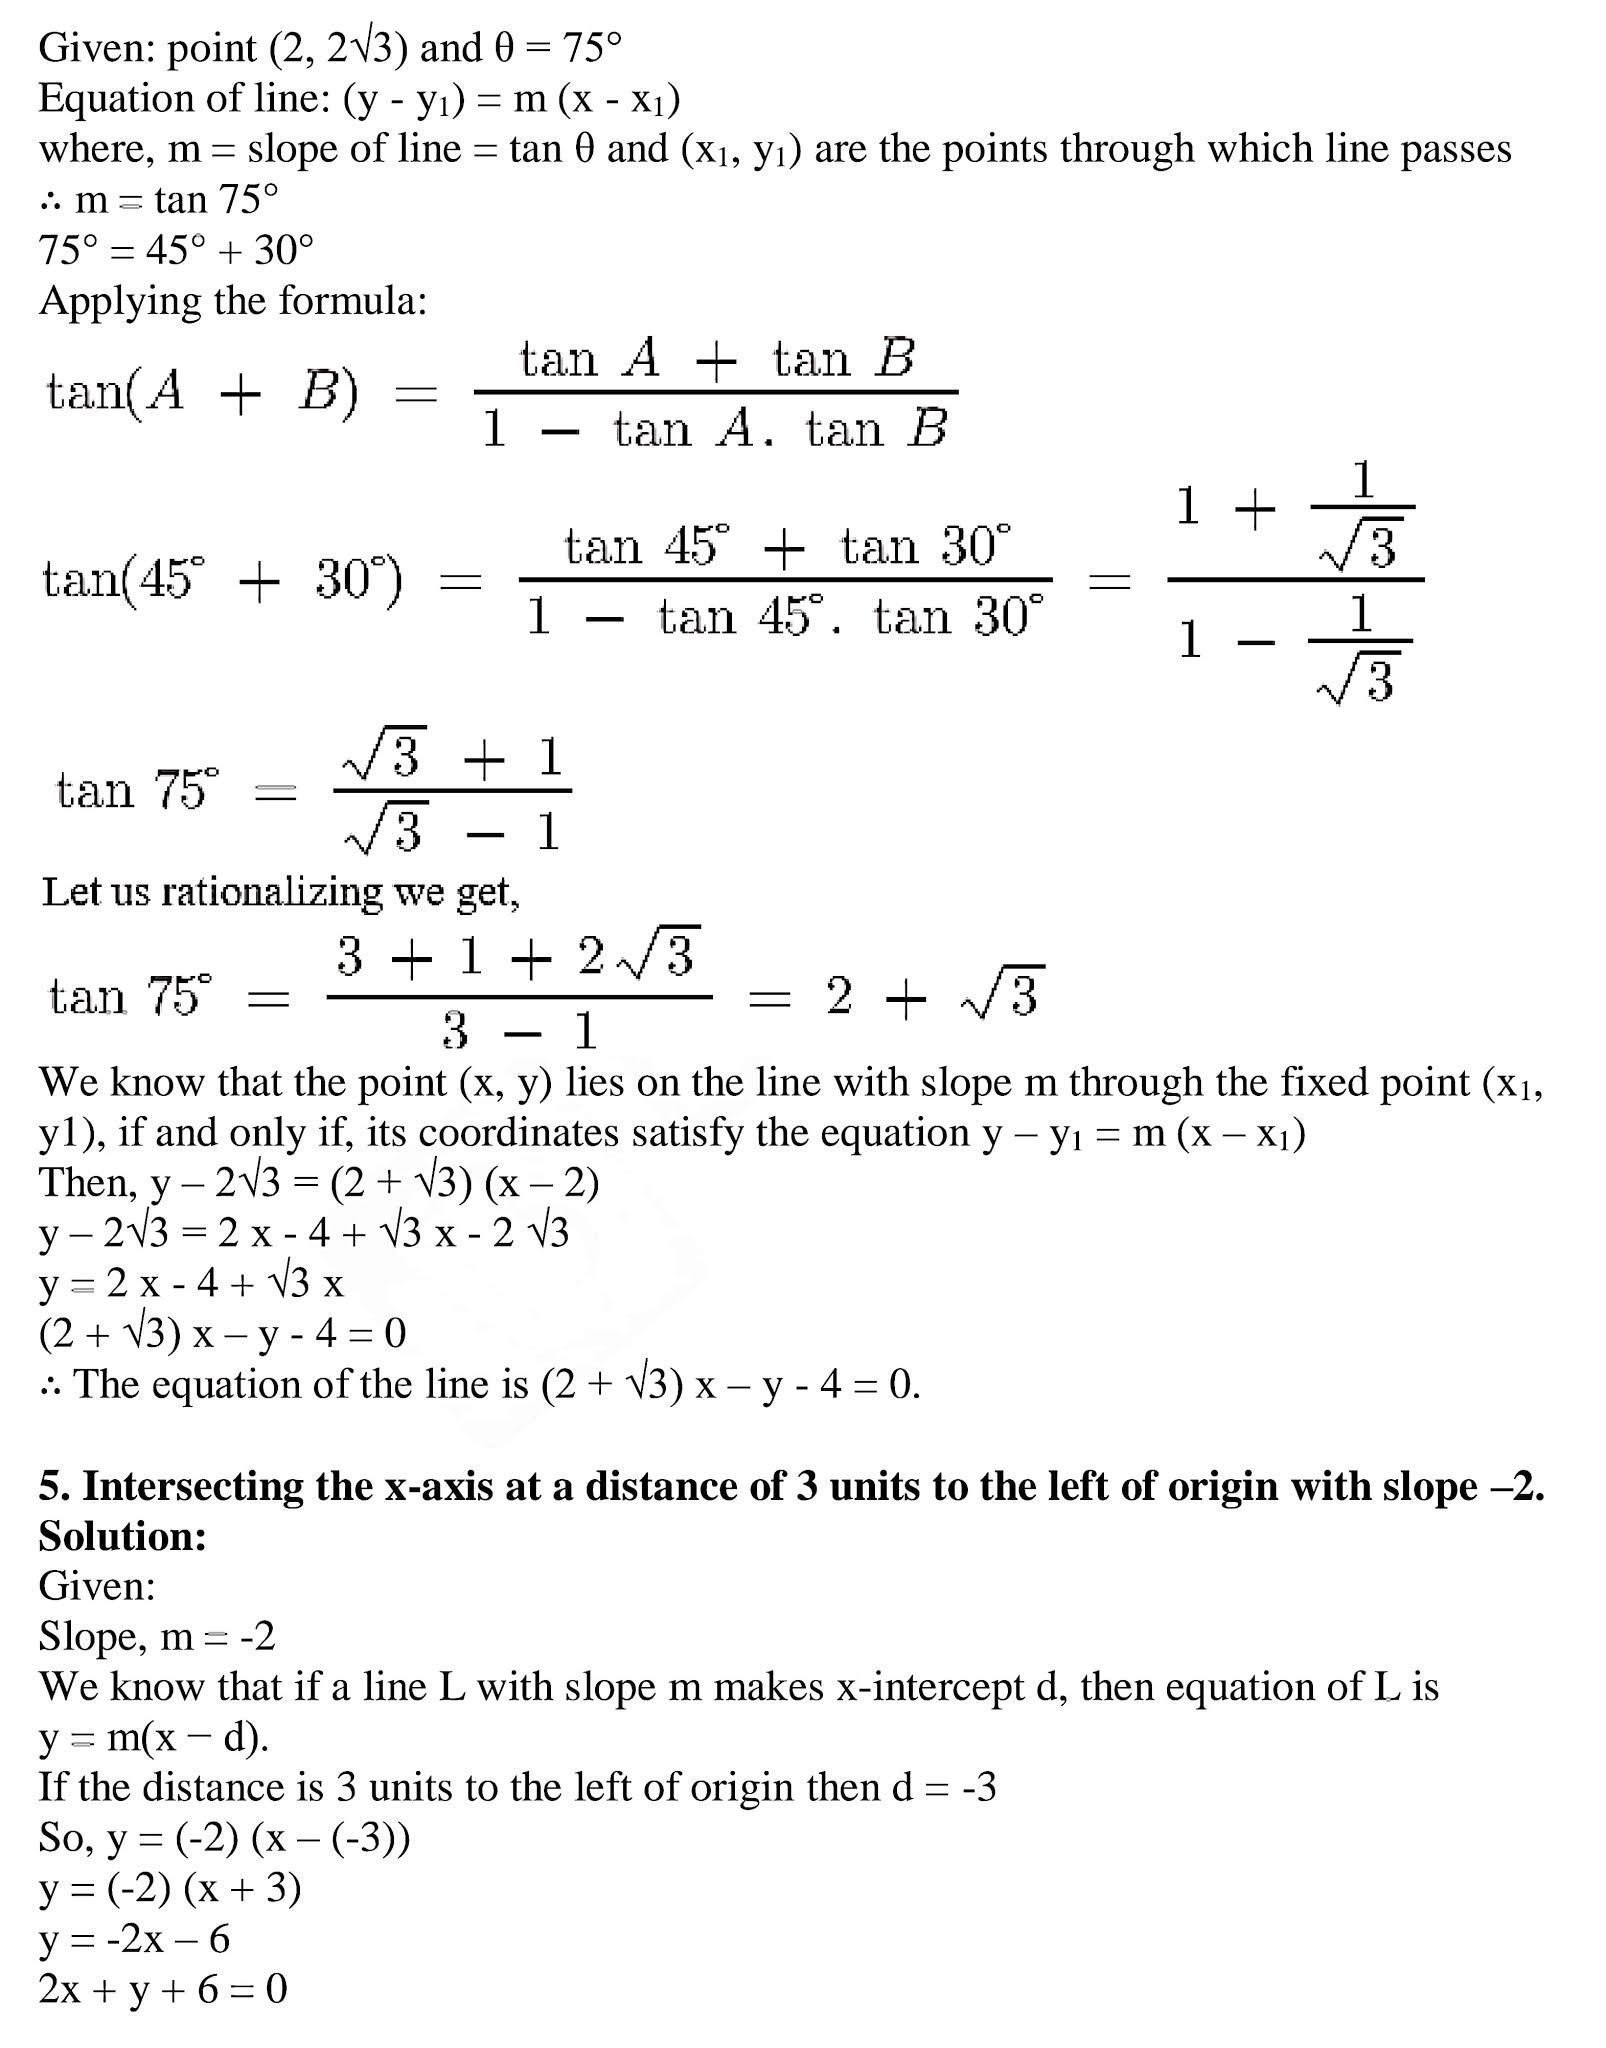 Class 11 Maths Chapter 10- Straight Lines,  11th Maths book in hindi,11th Maths notes in hindi,cbse books for class  11,cbse books in hindi,cbse ncert books,class  11  Maths notes in hindi,class  11 hindi ncert solutions, Maths 2020, Maths 2021, Maths 2022, Maths book class  11, Maths book in hindi, Maths class  11 in hindi, Maths notes for class  11 up board in hindi,ncert all books,ncert app in hindi,ncert book solution,ncert books class 10,ncert books class  11,ncert books for class 7,ncert books for upsc in hindi,ncert books in hindi class 10,ncert books in hindi for class  11  Maths,ncert books in hindi for class 6,ncert books in hindi pdf,ncert class  11 hindi book,ncert english book,ncert  Maths book in hindi,ncert  Maths books in hindi pdf,ncert  Maths class  11,ncert in hindi,old ncert books in hindi,online ncert books in hindi,up board  11th,up board  11th syllabus,up board class 10 hindi book,up board class  11 books,up board class  11 new syllabus,up Board  Maths 2020,up Board  Maths 2021,up Board  Maths 2022,up Board  Maths 2023,up board intermediate  Maths syllabus,up board intermediate syllabus 2021,Up board Master 2021,up board model paper 2021,up board model paper all subject,up board new syllabus of class 11th Maths,up board paper 2021,Up board syllabus 2021,UP board syllabus 2022,   11 वीं मैथ्स पुस्तक हिंदी में,  11 वीं मैथ्स नोट्स हिंदी में, कक्षा  11 के लिए सीबीएससी पुस्तकें, हिंदी में सीबीएससी पुस्तकें, सीबीएससी  पुस्तकें, कक्षा  11 मैथ्स नोट्स हिंदी में, कक्षा  11 हिंदी एनसीईआरटी समाधान, मैथ्स 2020, मैथ्स 2021, मैथ्स 2022, मैथ्स  बुक क्लास  11, मैथ्स बुक इन हिंदी, बायोलॉजी क्लास  11 हिंदी में, मैथ्स नोट्स इन क्लास  11 यूपी  बोर्ड इन हिंदी, एनसीईआरटी मैथ्स की किताब हिंदी में,  बोर्ड  11 वीं तक,  11 वीं तक की पाठ्यक्रम, बोर्ड कक्षा 10 की हिंदी पुस्तक  , बोर्ड की कक्षा  11 की किताबें, बोर्ड की कक्षा  11 की नई पाठ्यक्रम, बोर्ड मैथ्स 2020, यूपी   बोर्ड मैथ्स 2021, यूपी  बोर्ड मैथ्स 2022, यूपी  बोर्ड मैथ्स 2023, यूपी  बोर्ड इंटरमीडिएट बायोलॉजी सिले